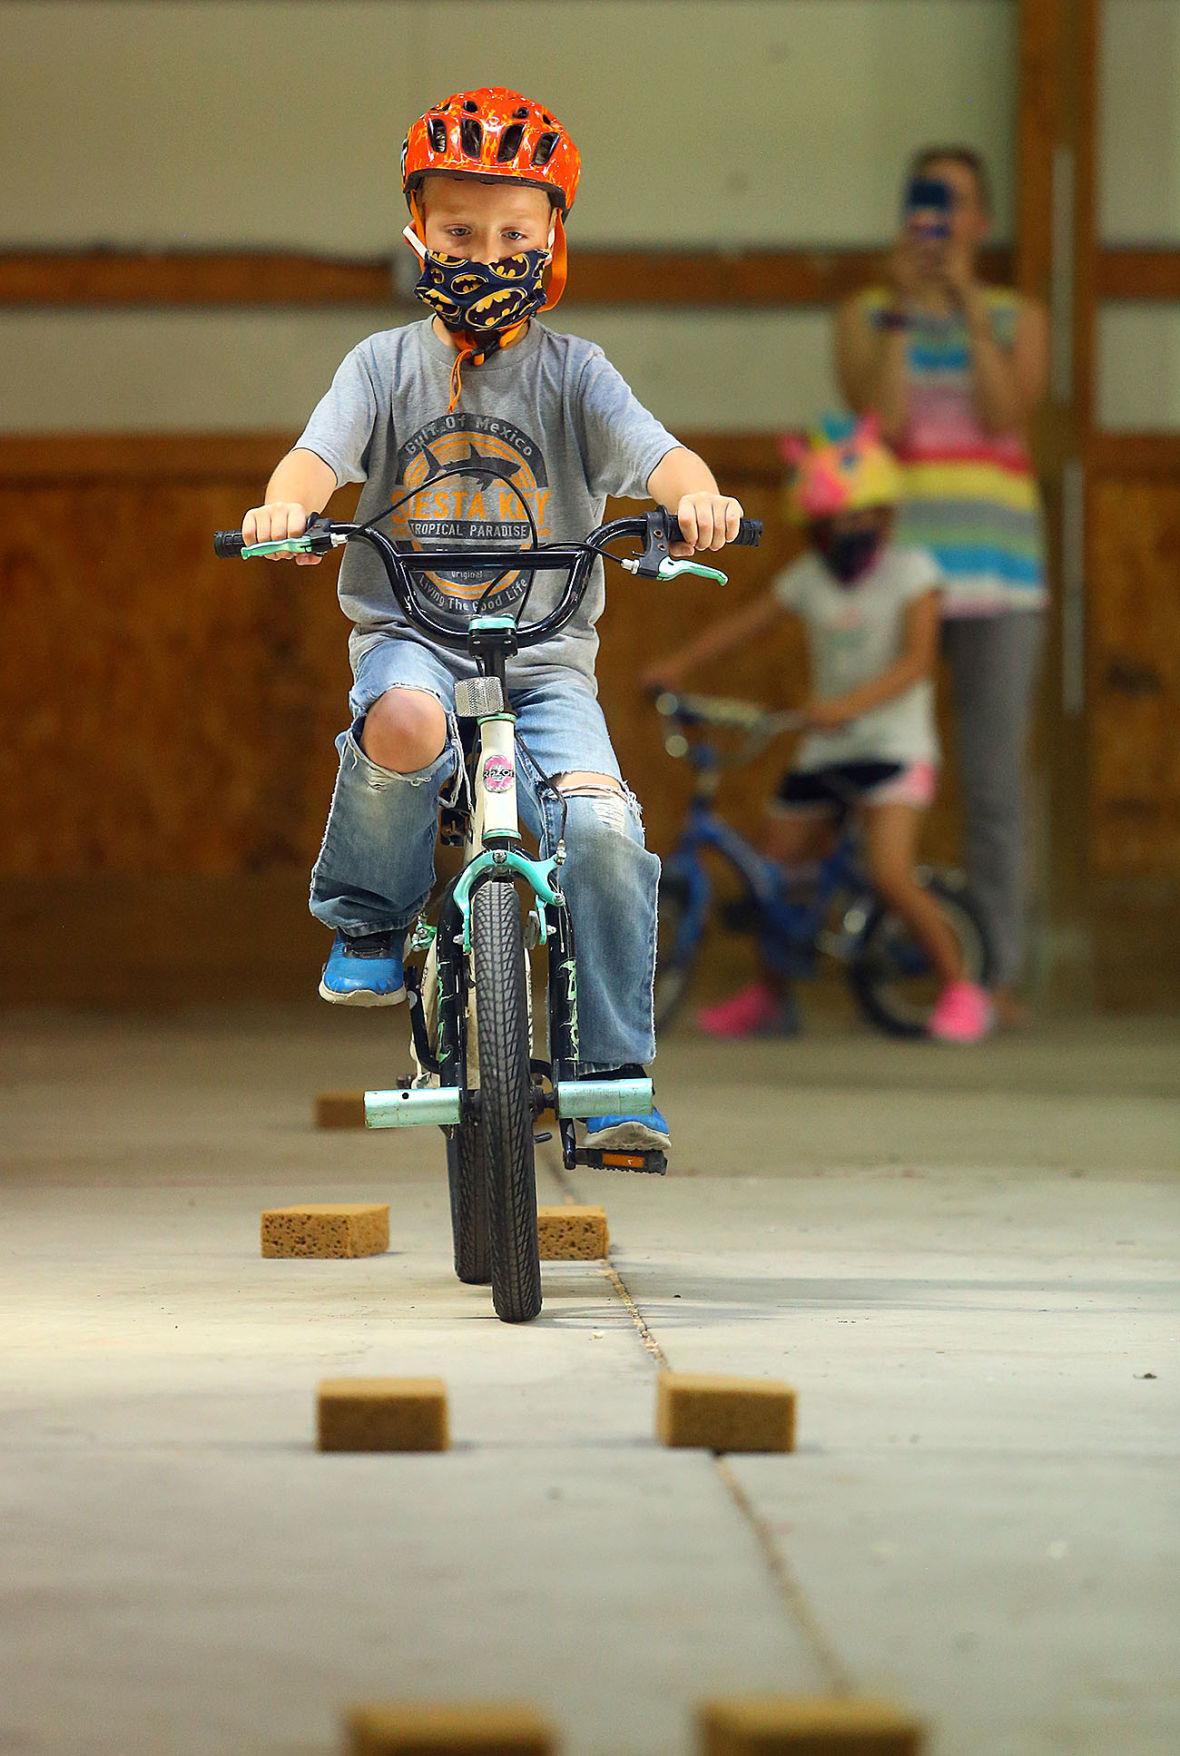 Bicycle Rodeo 01.jpg